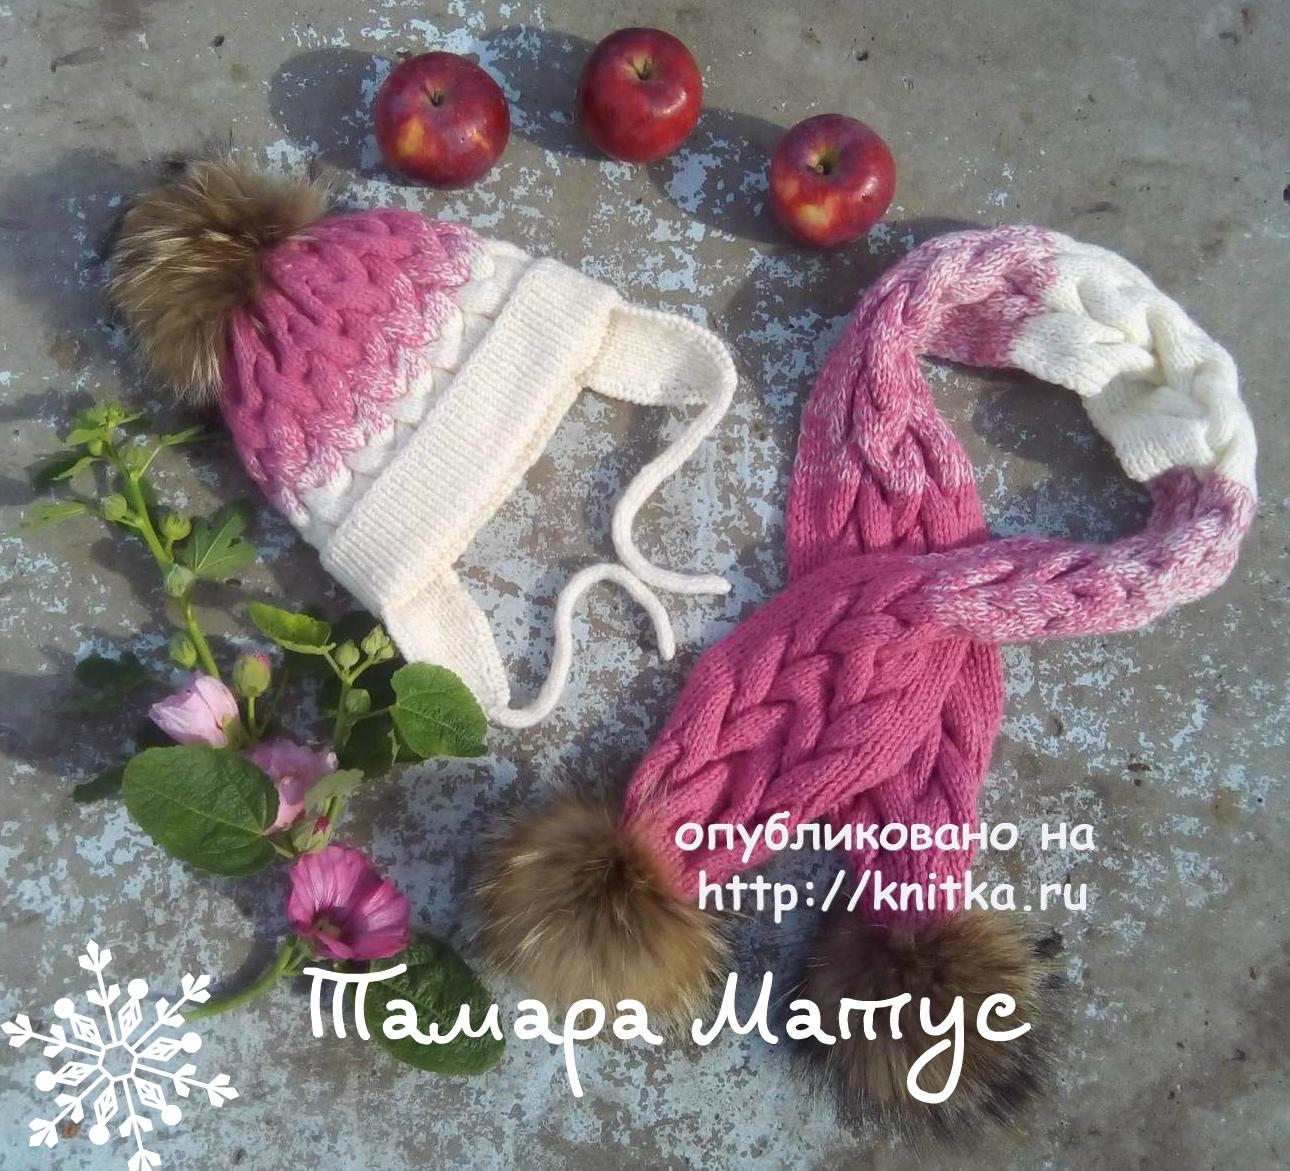 шарф и шапка для девочки спицами работы тамары матус вязание для детей